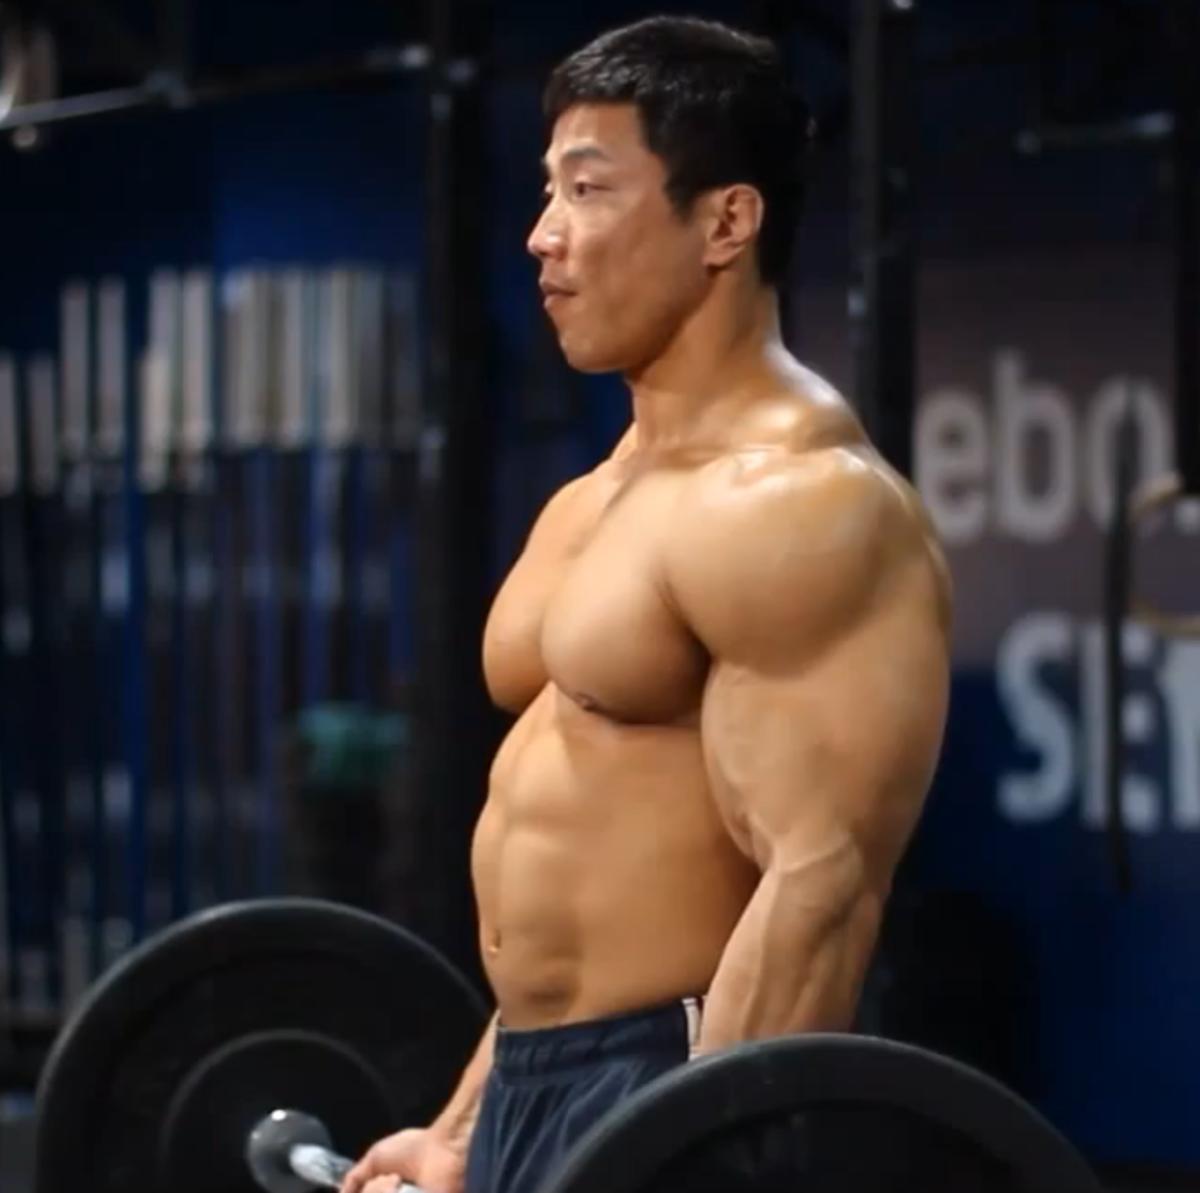 korean-bodybuilder-kang-kyung-won